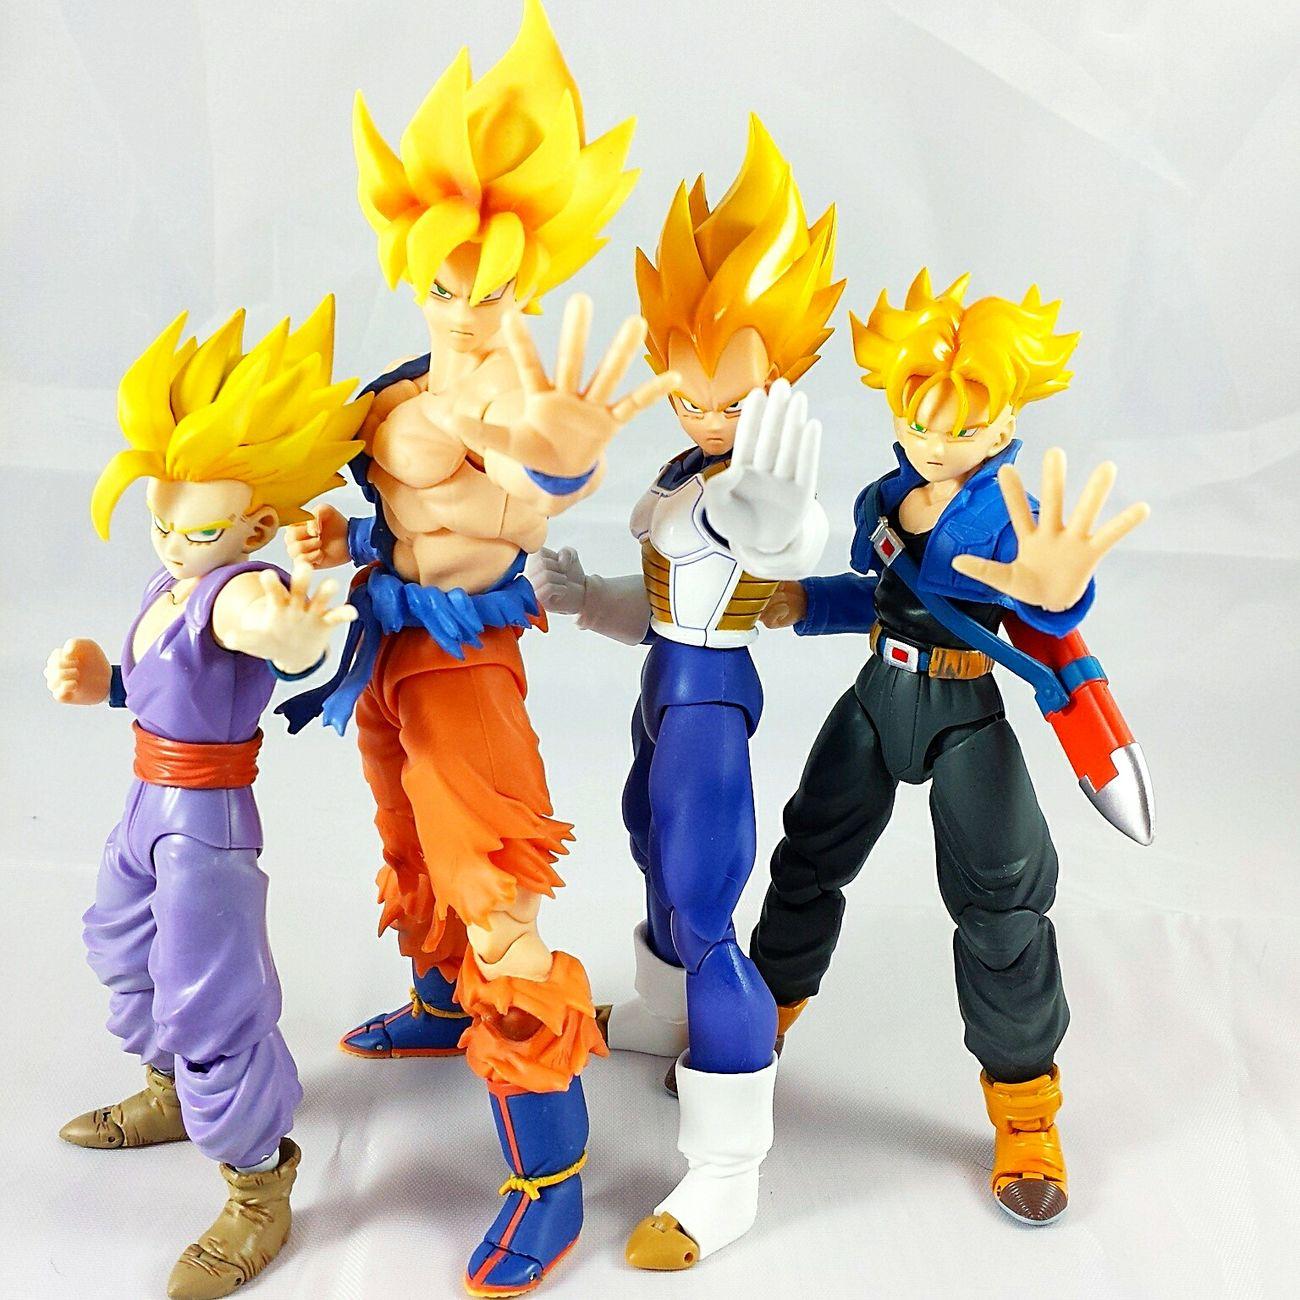 @johnnybuerkle Dragonball Z Supersaiyan SHfiguarts Shfiguartsphotography Goku Vegeta Trunks Gohan Toys Toyphotography Toycommunity First Eyeem Photo